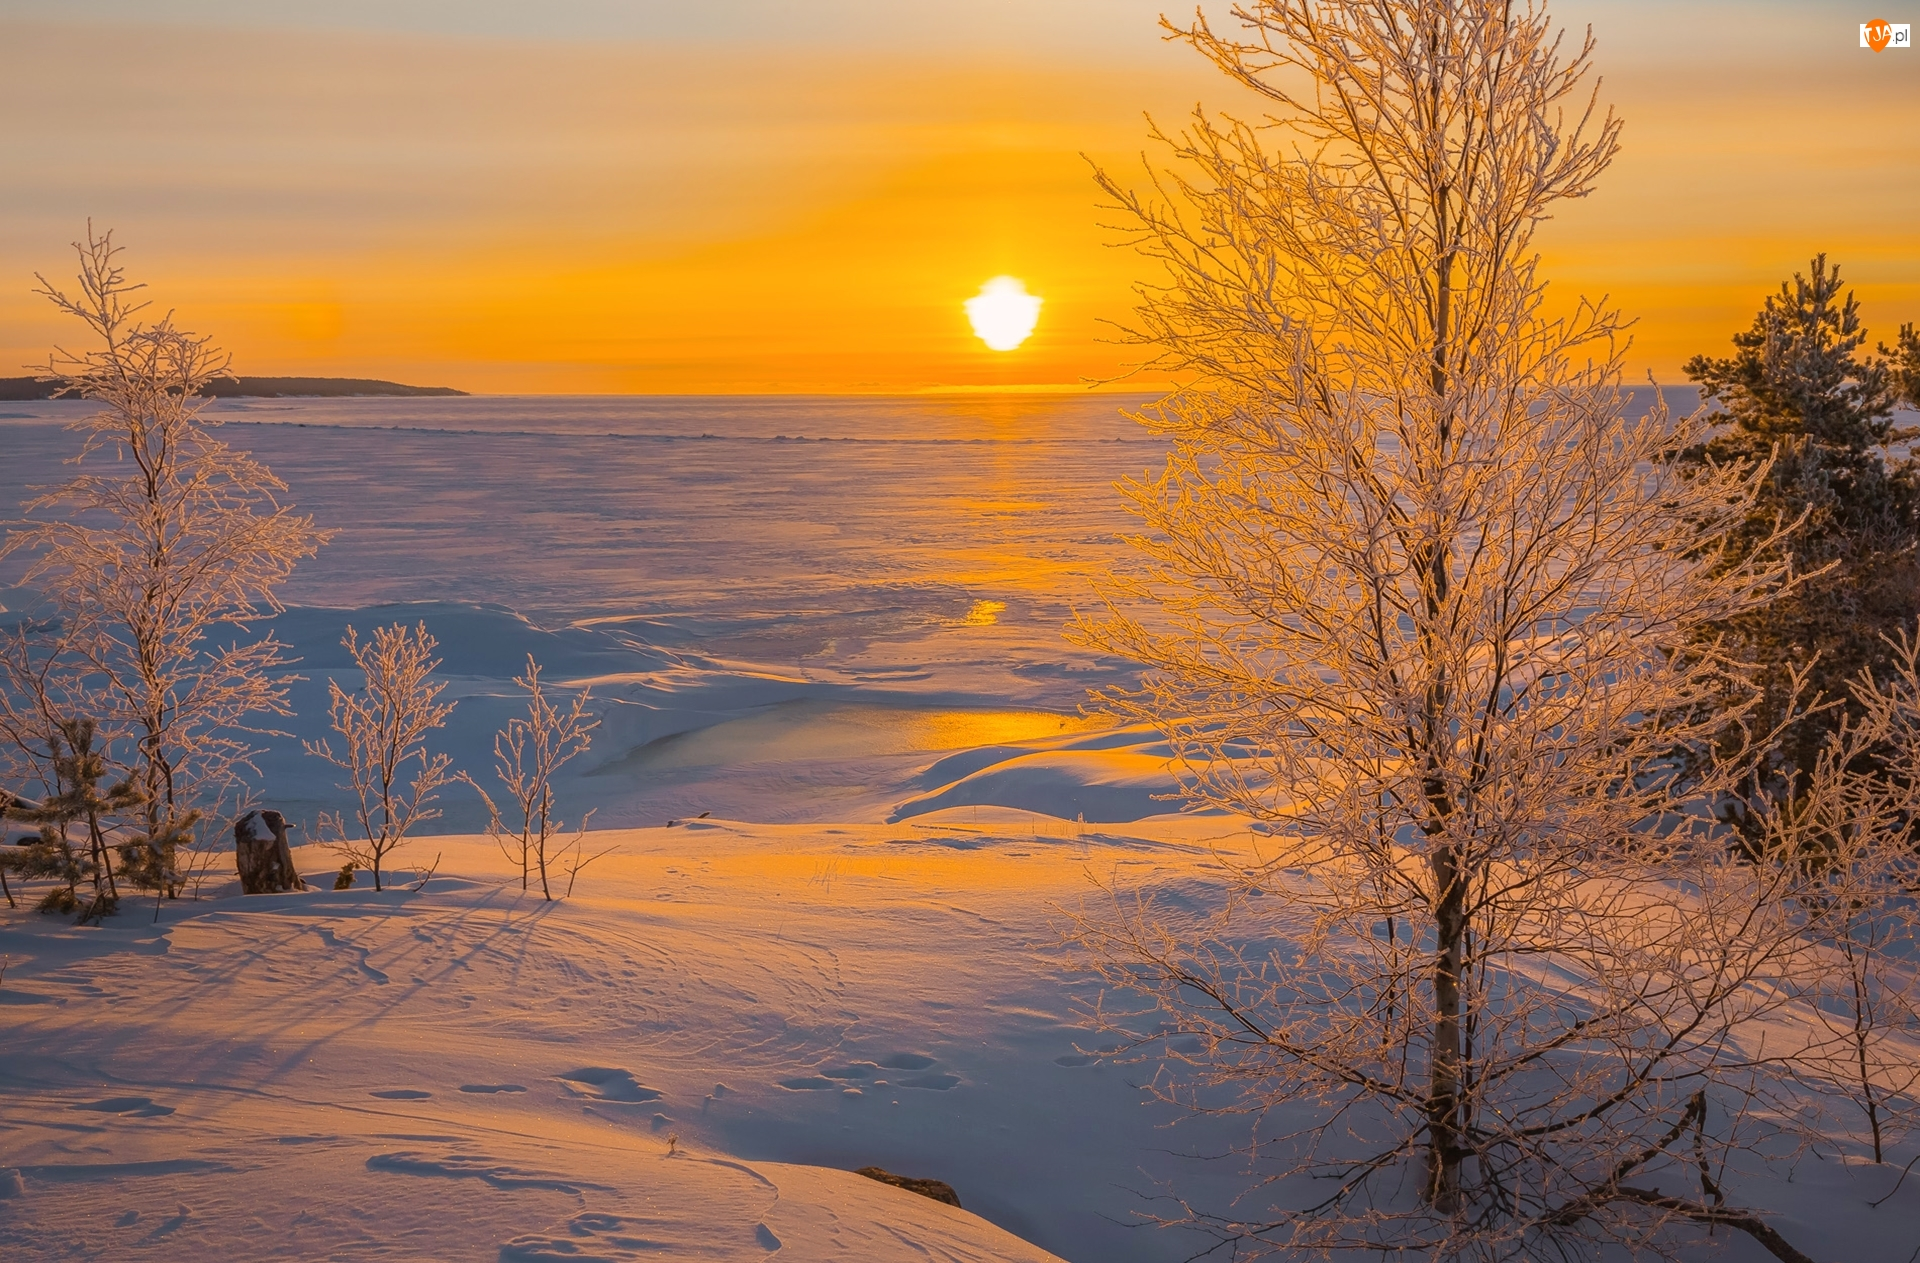 Drzewa, Roślinność, Rosja, Zima, Karelia, Jezioro Ładoga, Wschód słońca